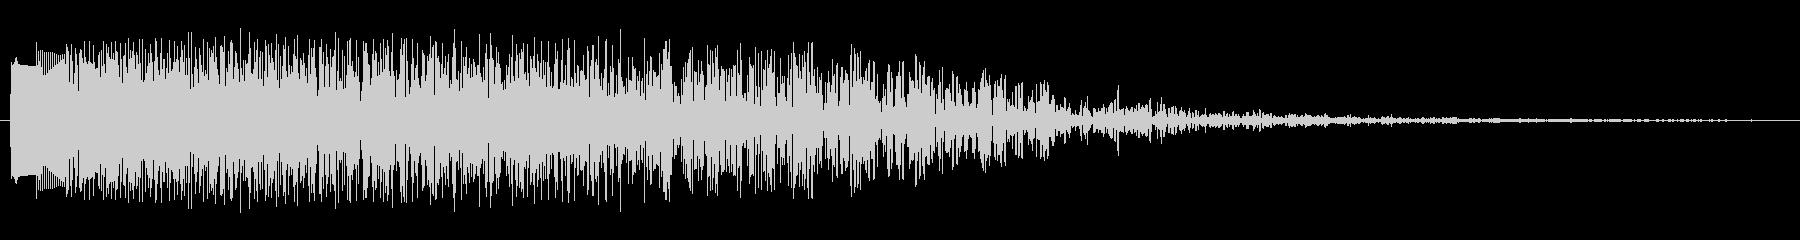 キラキラキラン(指が鍵盤を横に滑る音)の未再生の波形